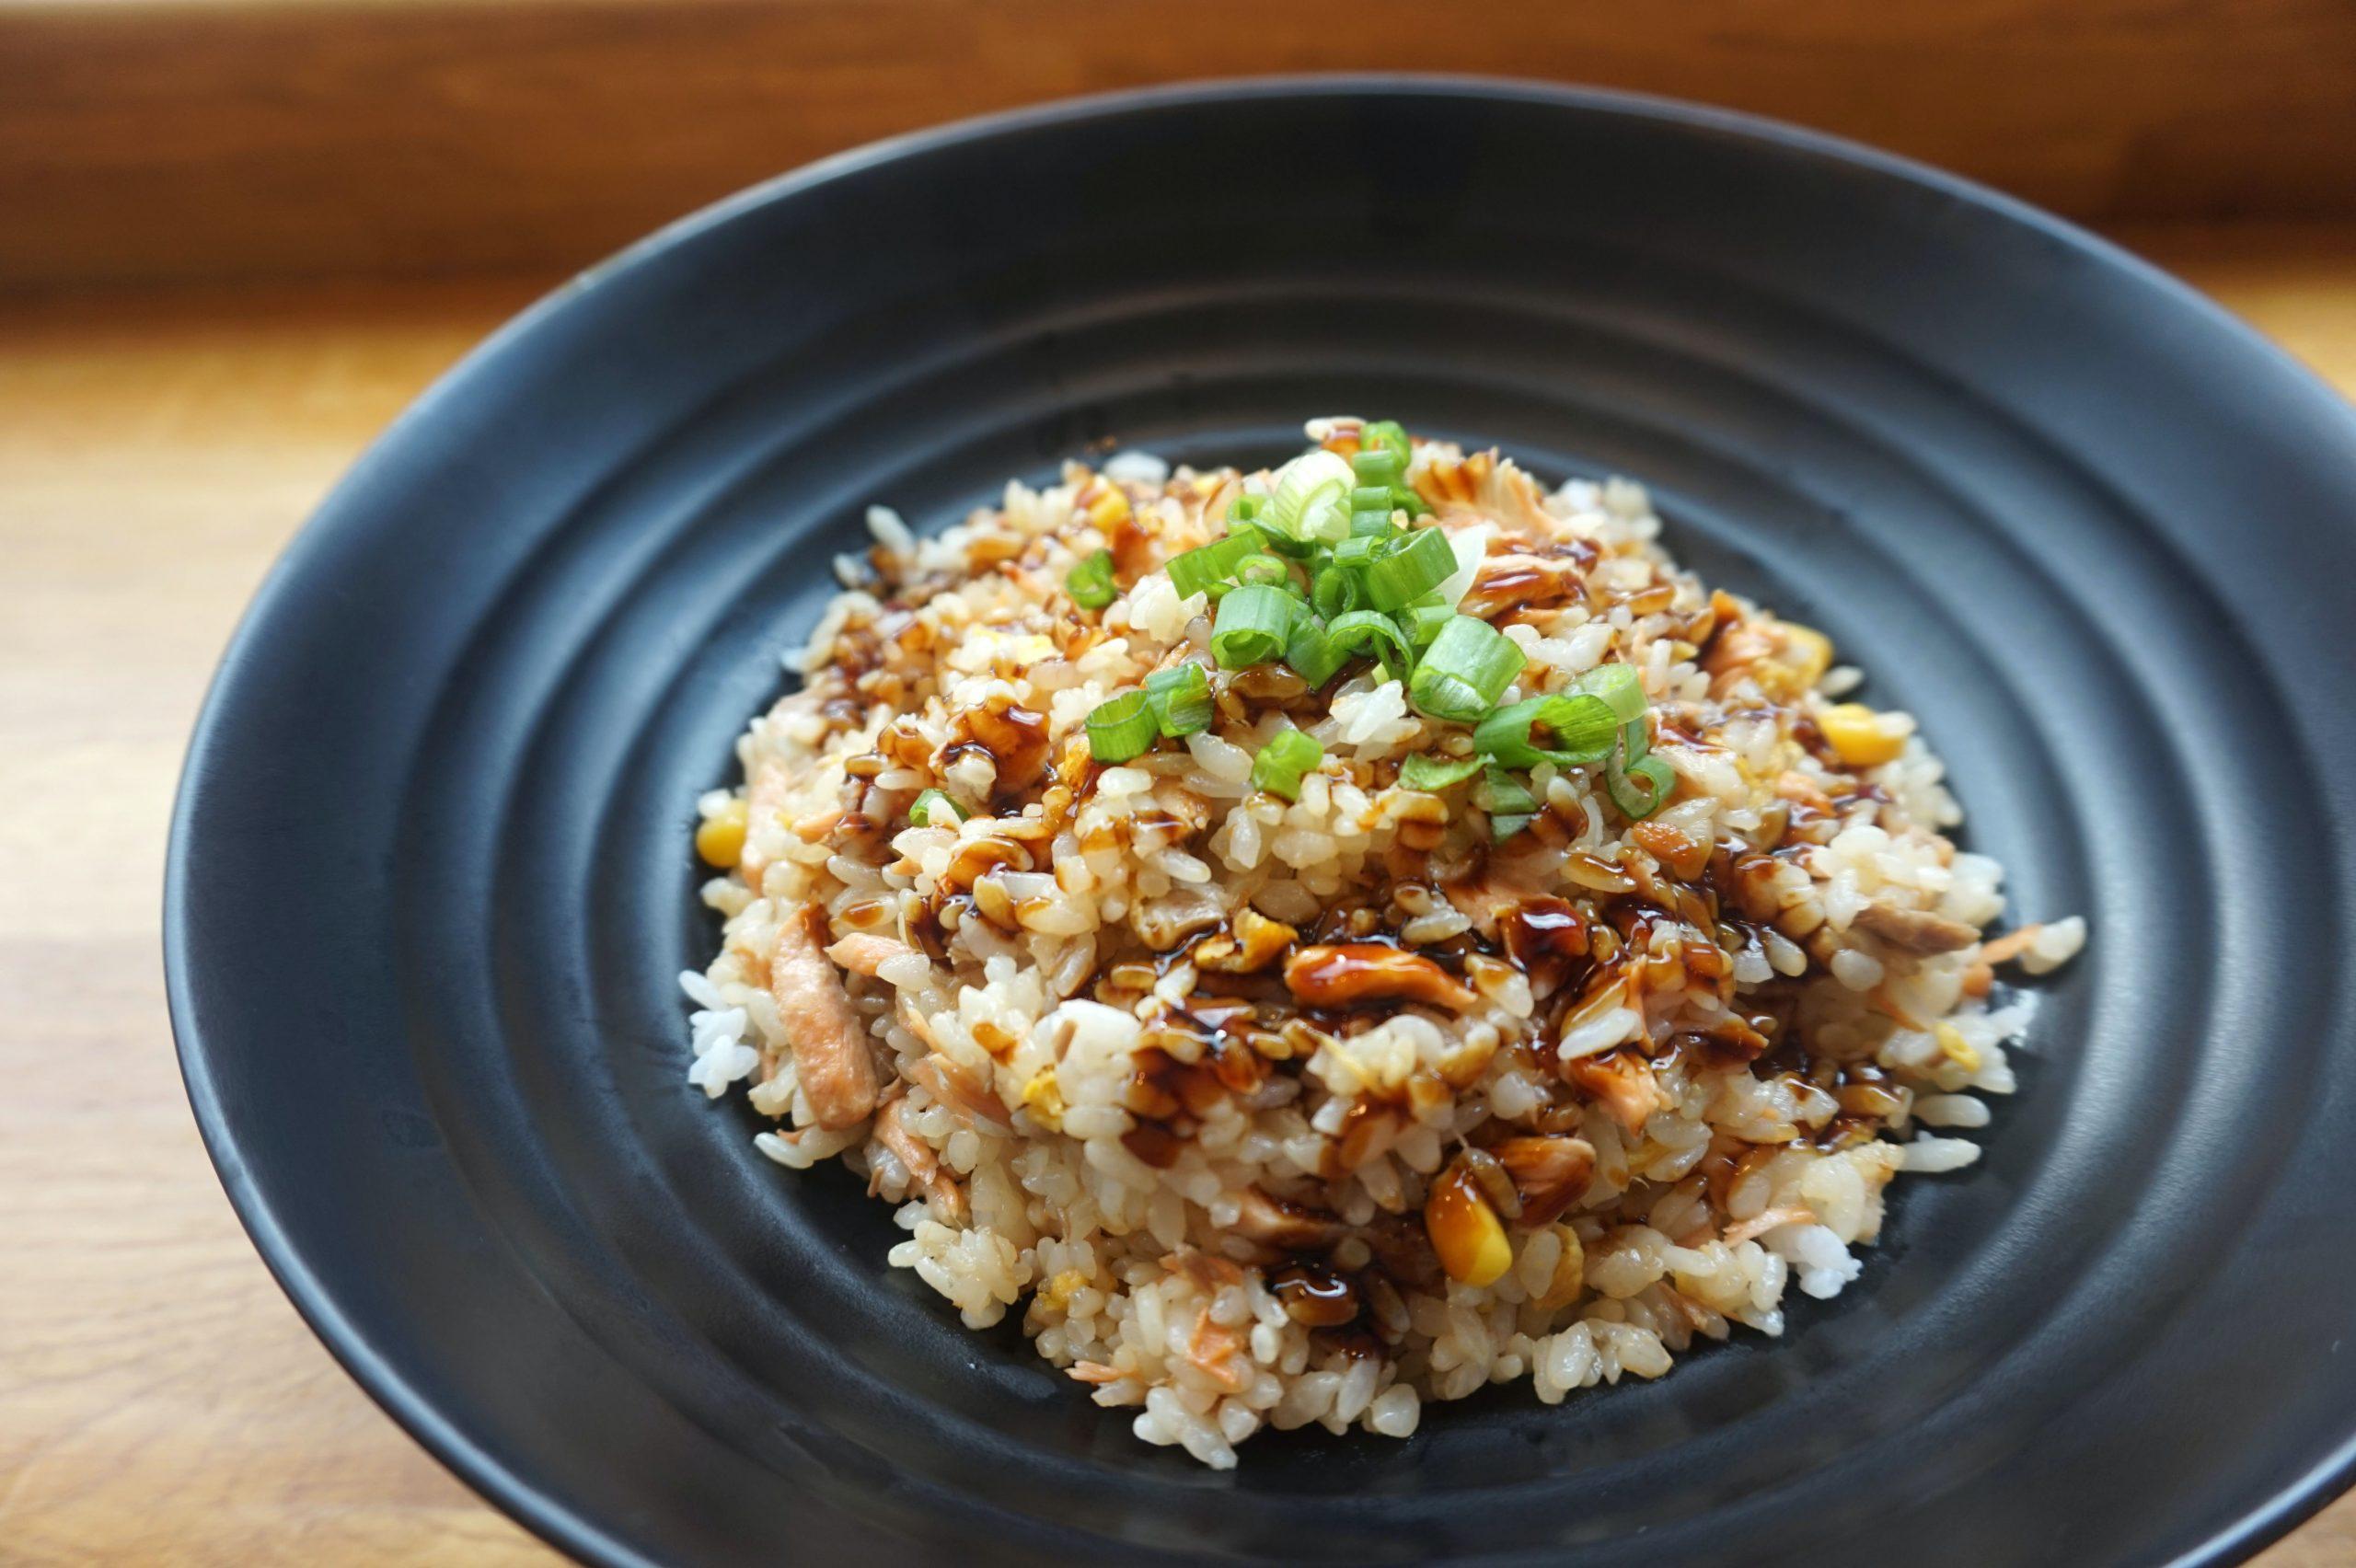 prato com arroz integral feito na panela elétrica